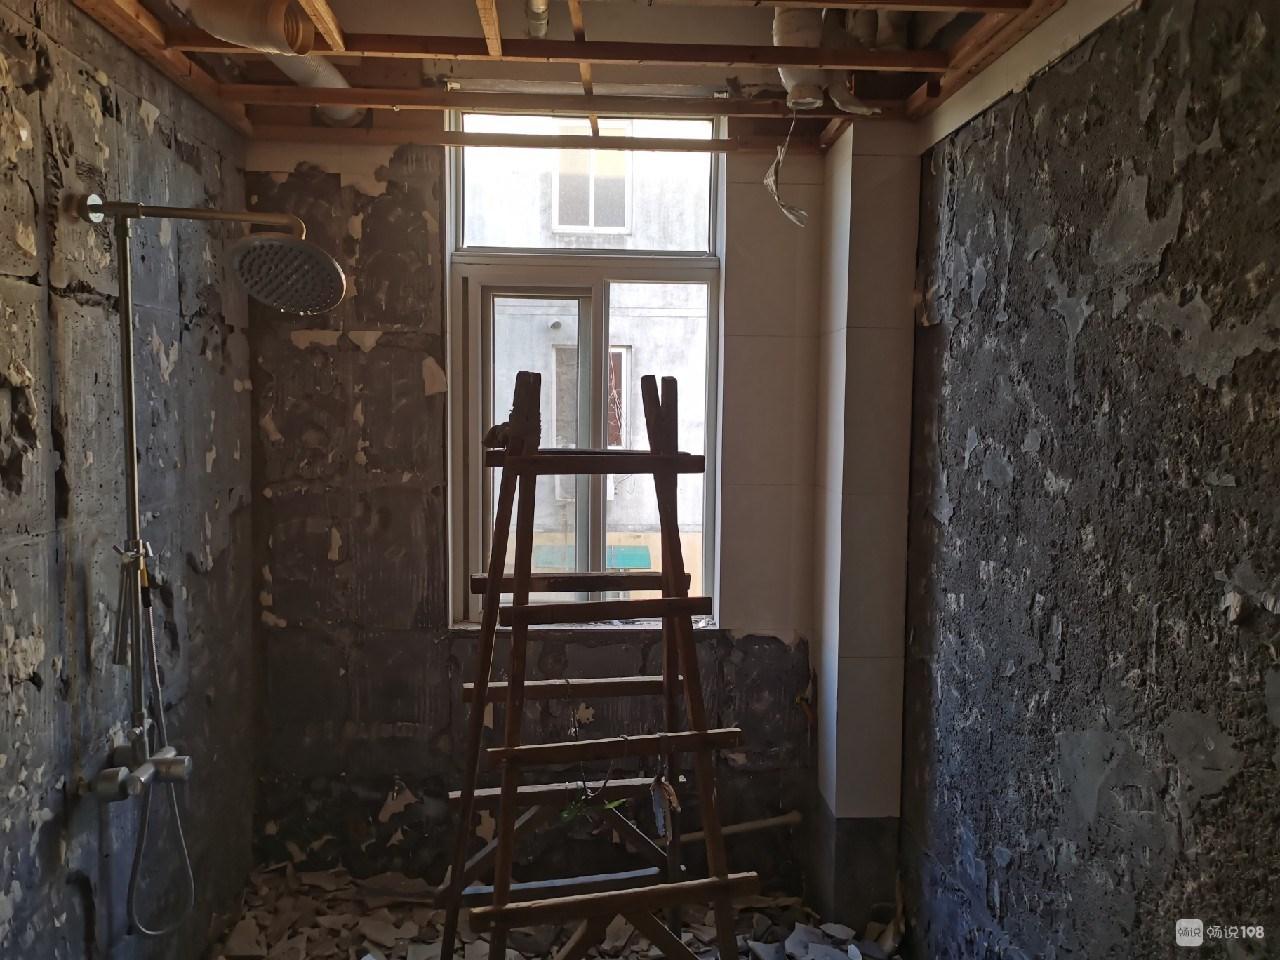 追踪我家装修进程,多次返工过程坎坷!难怪房价不会下跌